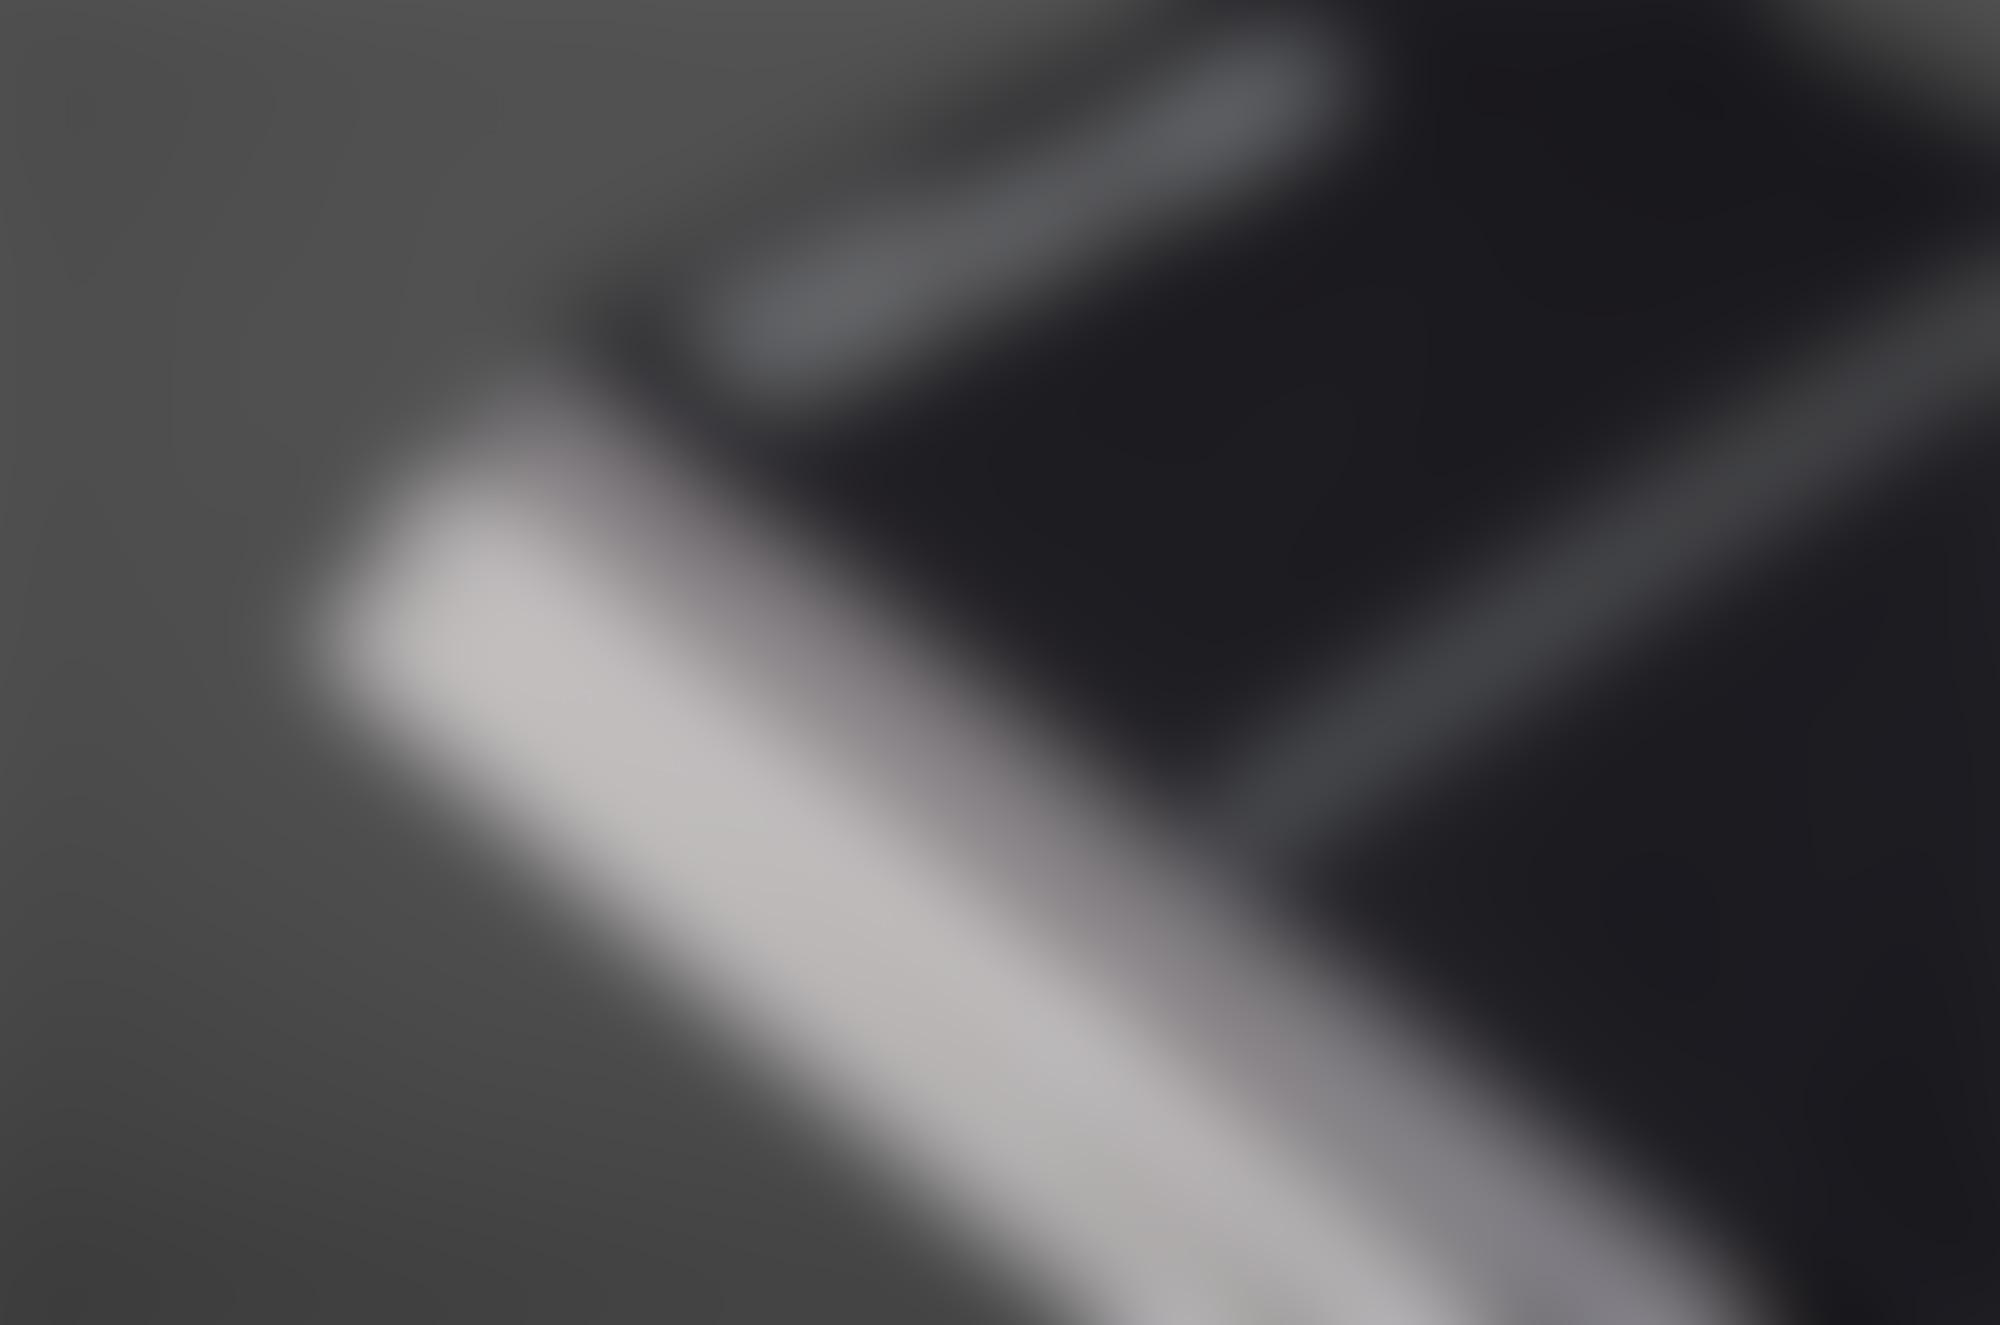 Tvc print 02 autocompressfitresizeixlibphp 1 1 0max h2000max w3 D2000q80s39039beb053327ca5115dd98bd6d1b35